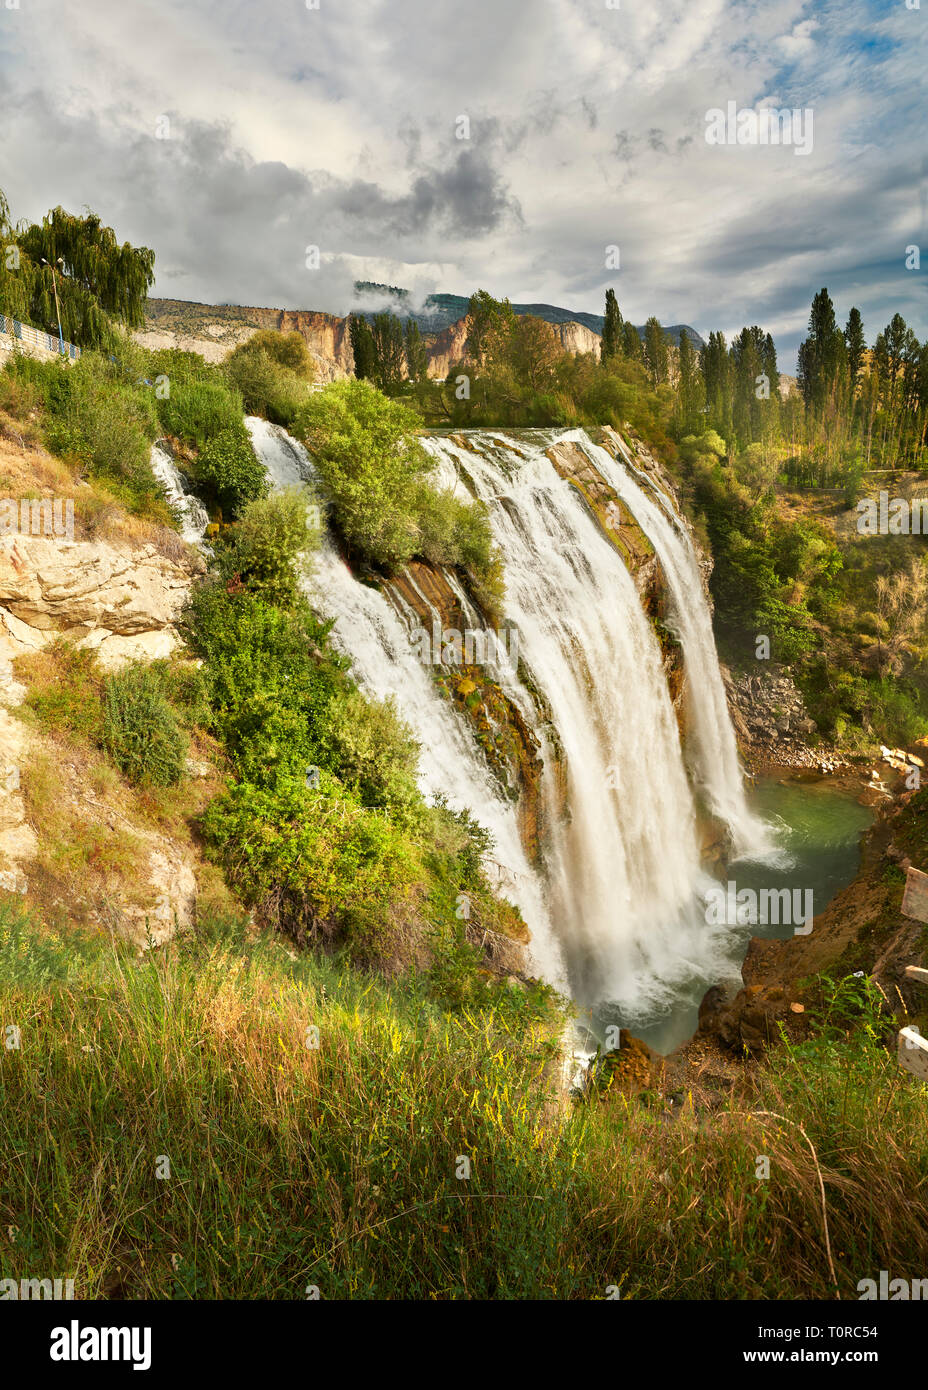 Photos et Images de la tombe de l'eau Tortum, Vallée Coruh, Erzurum dans l'Est de l'Anatolie, la Turquie. L'eau Tortum falls sont les plus grandes de la turquie Photo Stock